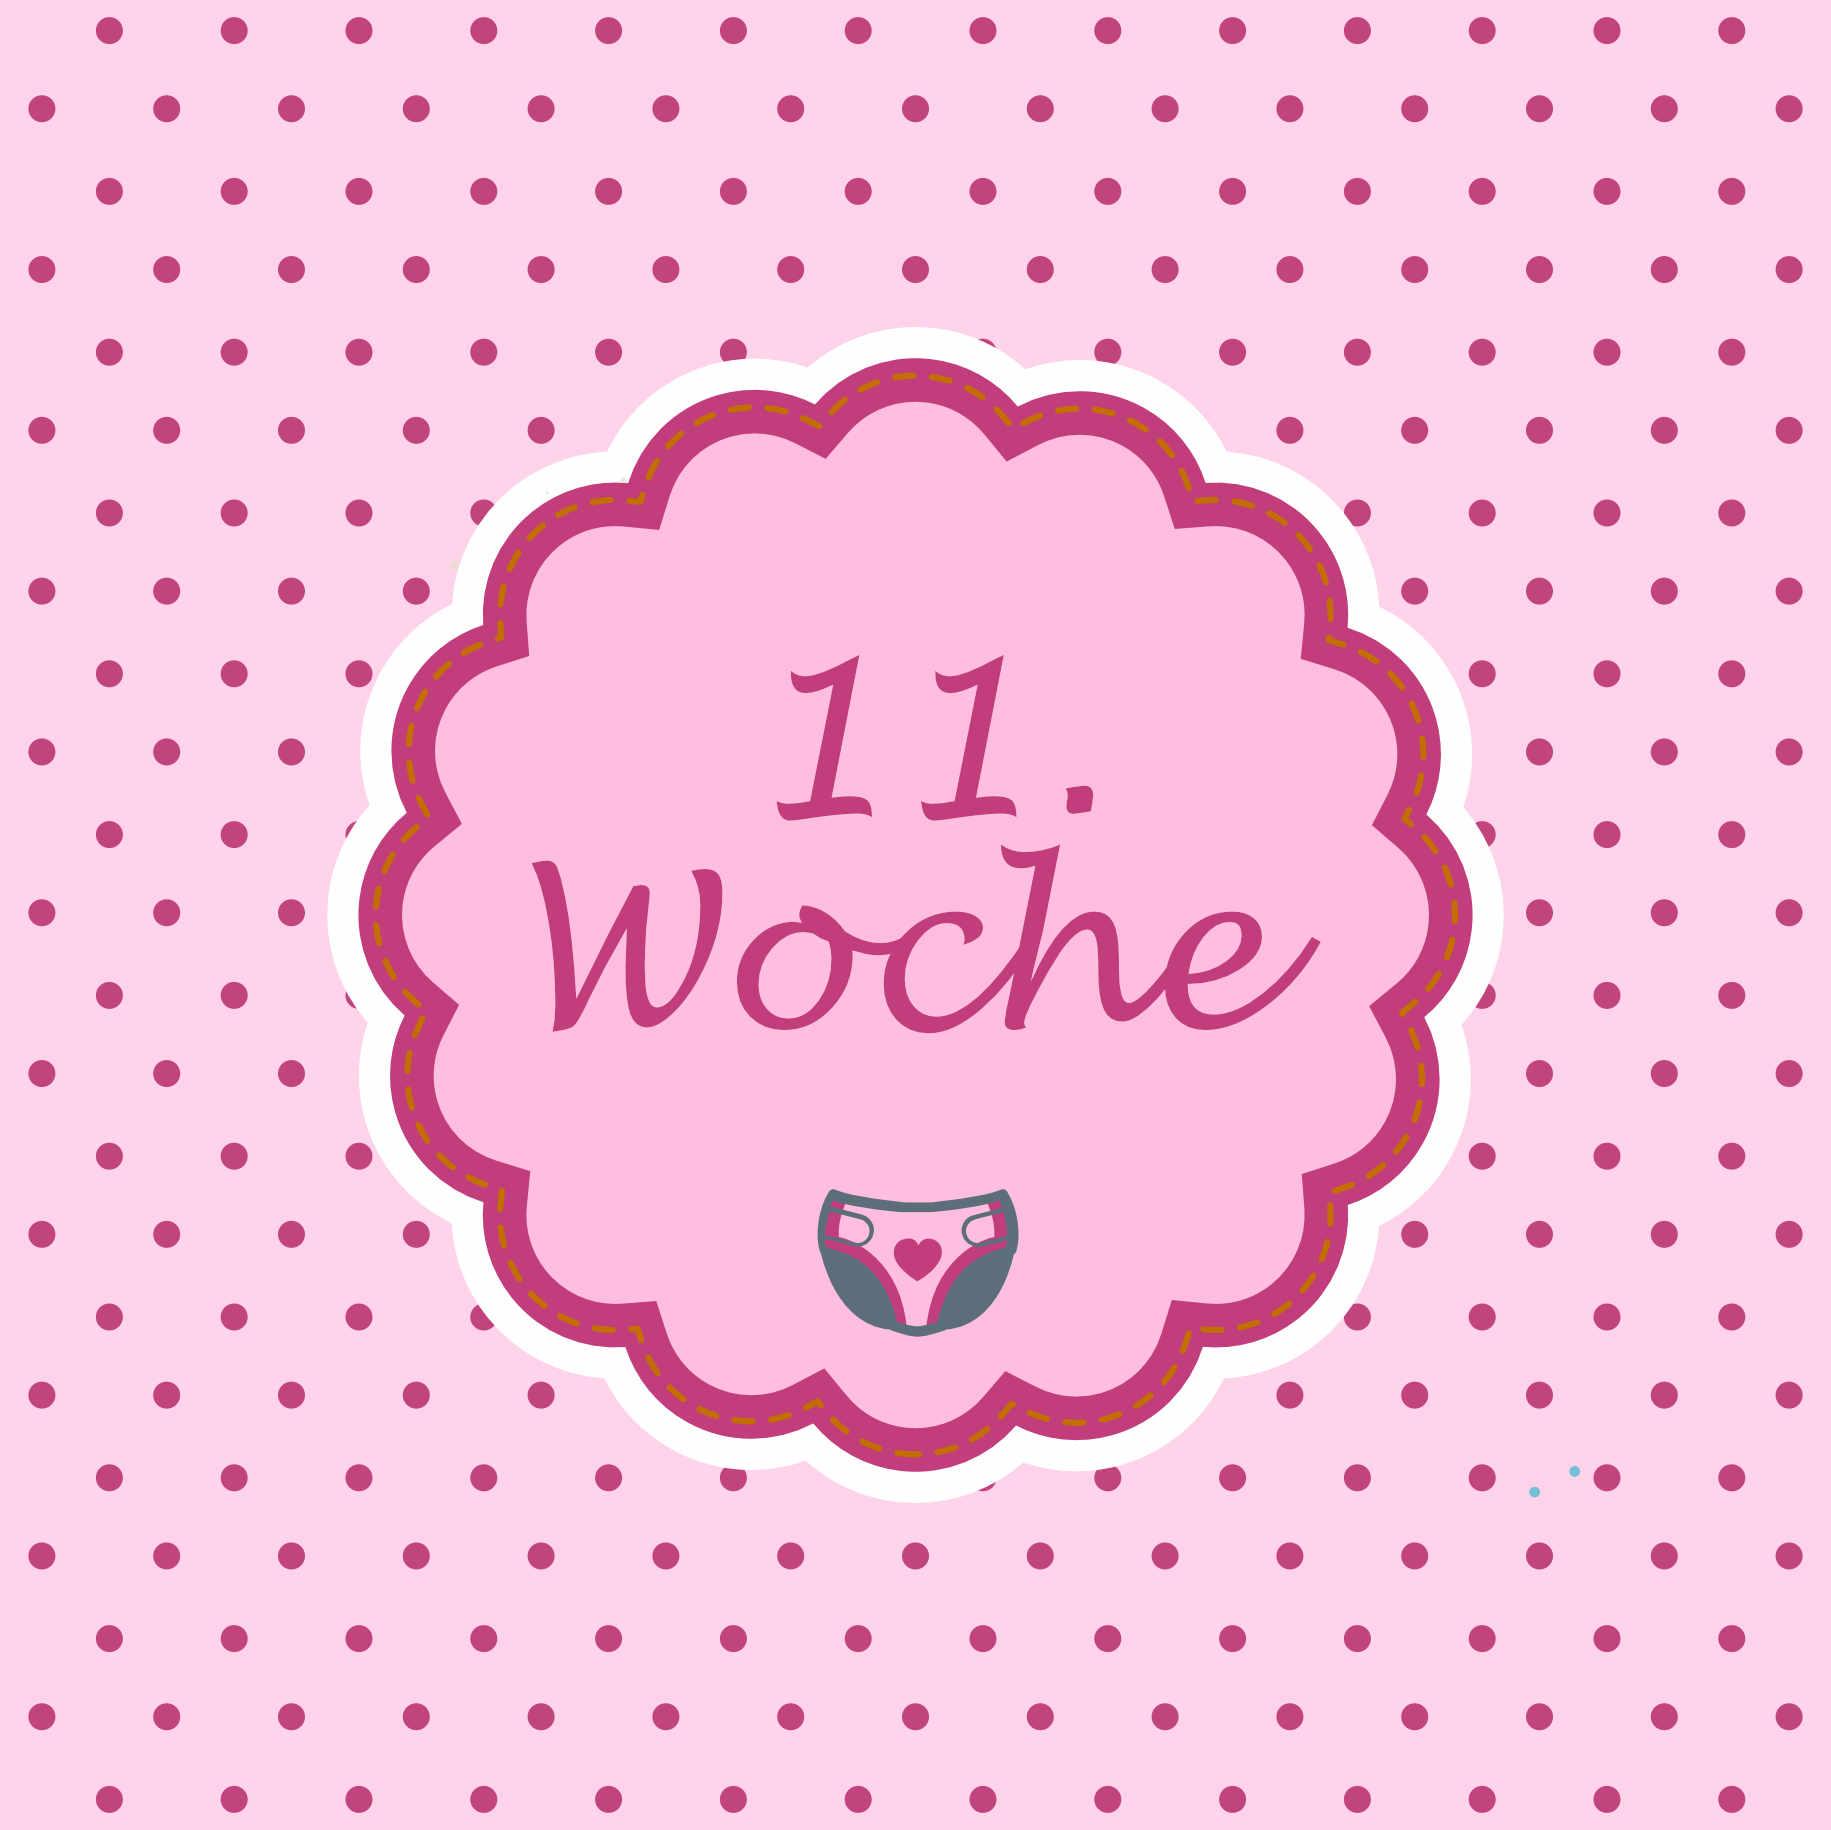 10 Woche Meilenstein Schwangerschaft Instagram